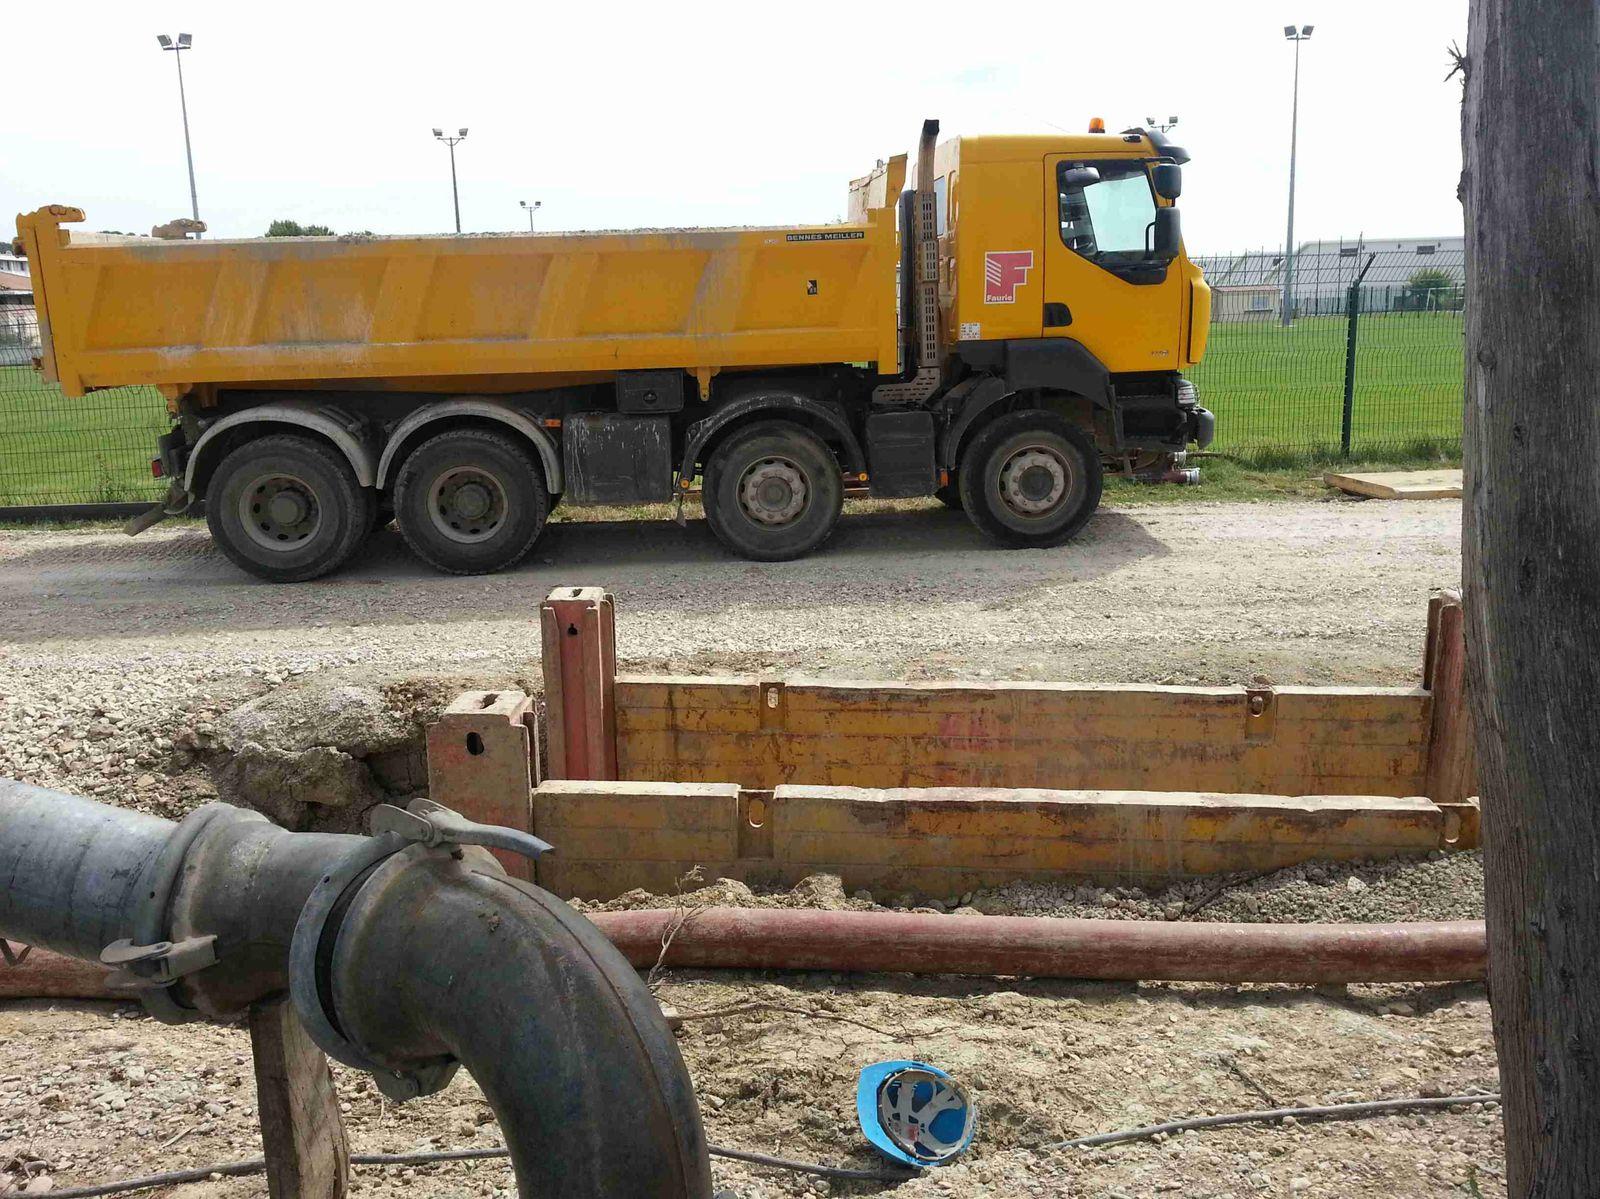 Derrière ces barrières de chantier des trous de plusieurs mètres de profondeur sans protection adéquate. Qui est responsable?